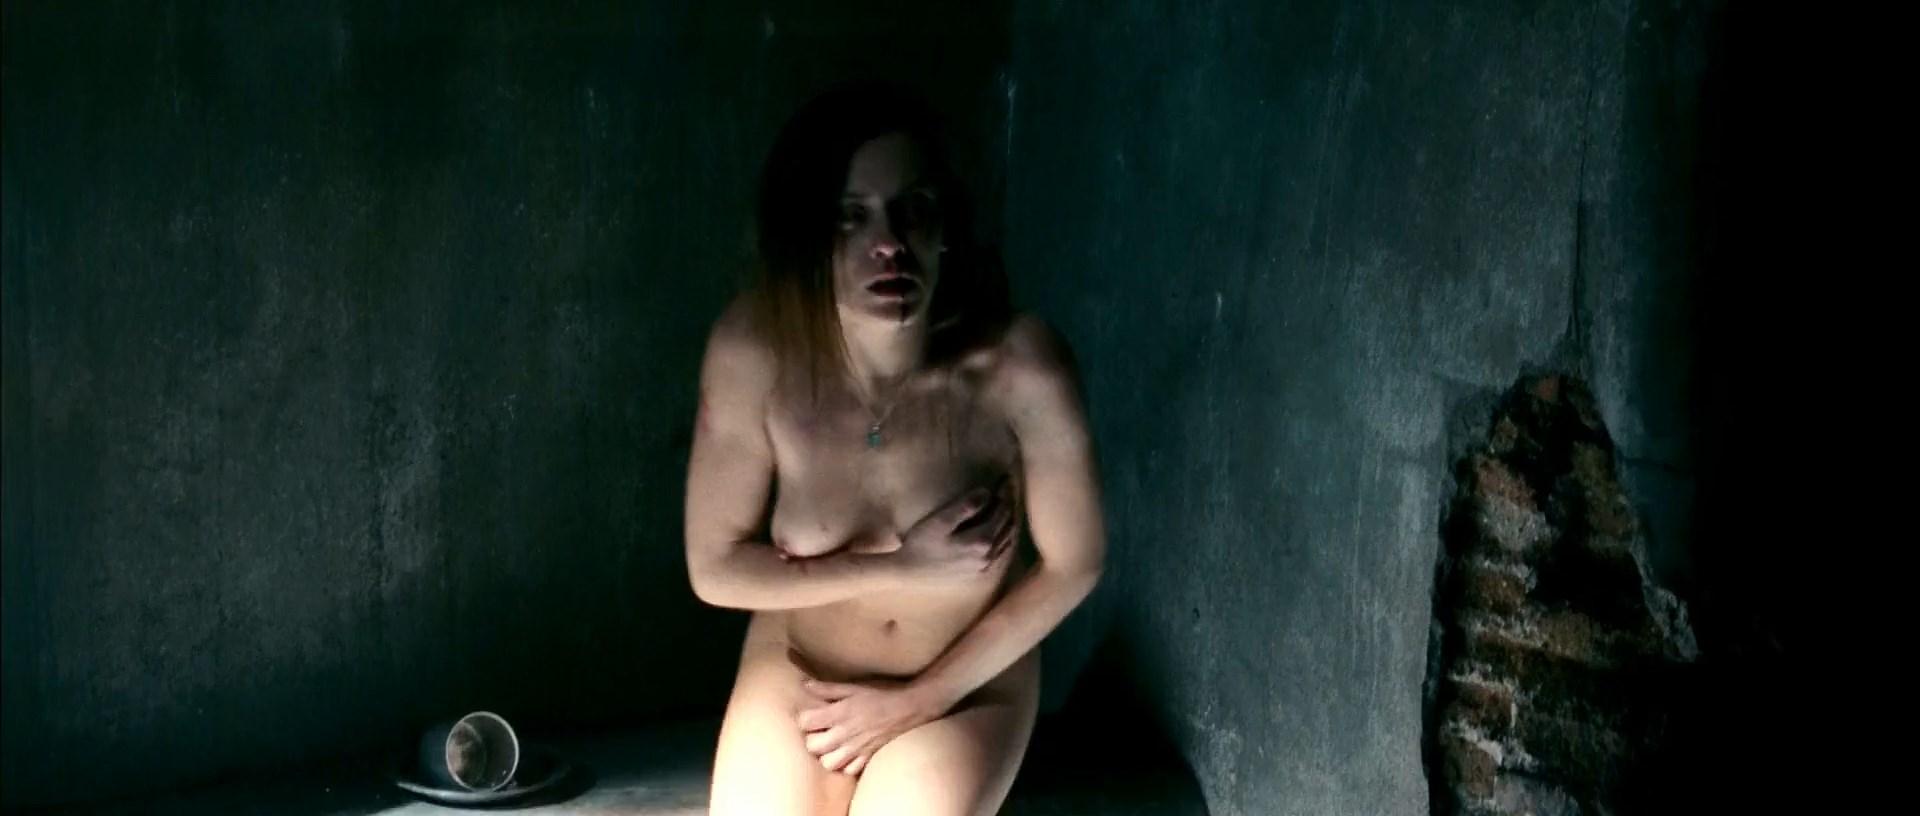 María León Nude